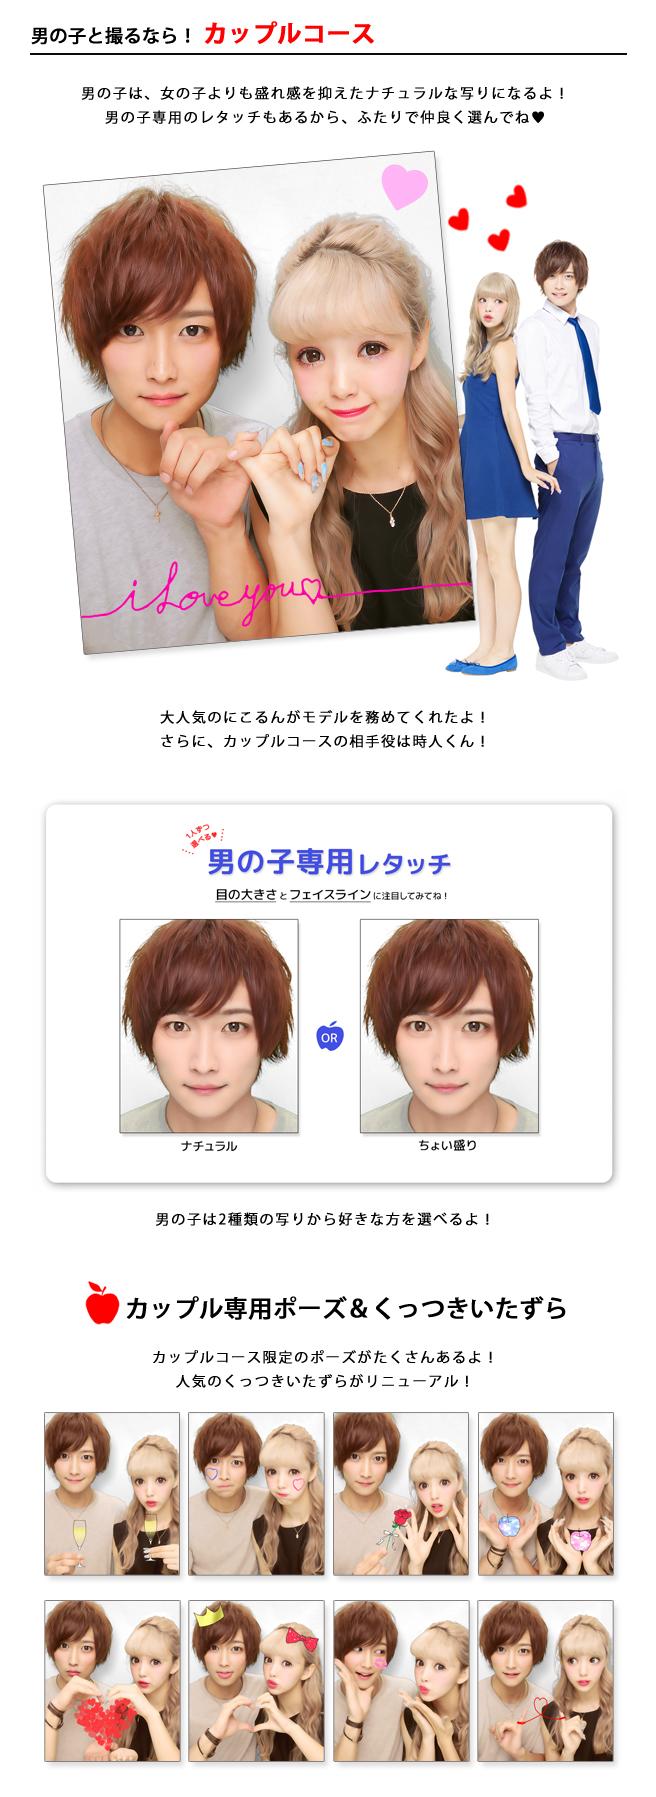 男の子と撮るなら、カップルコース 男の子専用のレタッチあり モデルは藤田ニコル 時人 カップル専用ポーズ 人気のくっつきいたずら